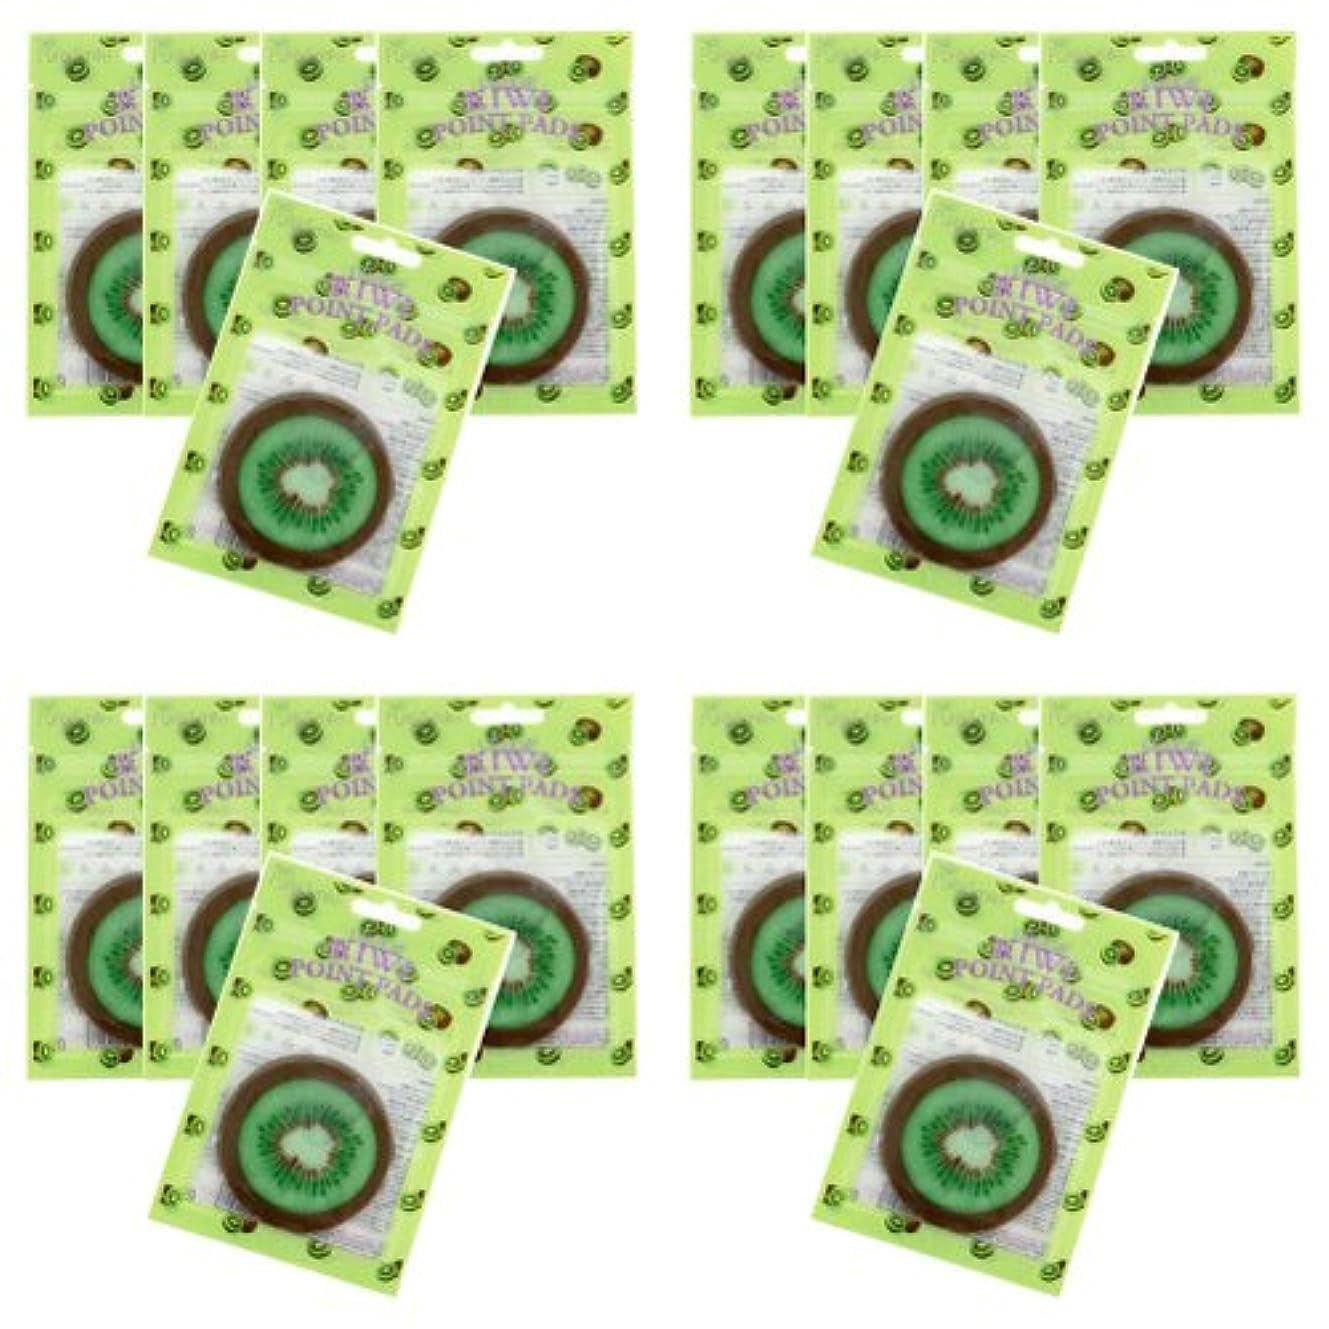 認可化石ピュアスマイル ジューシーポイントパッド キウィ20パックセット(1パック10枚入 合計200枚)